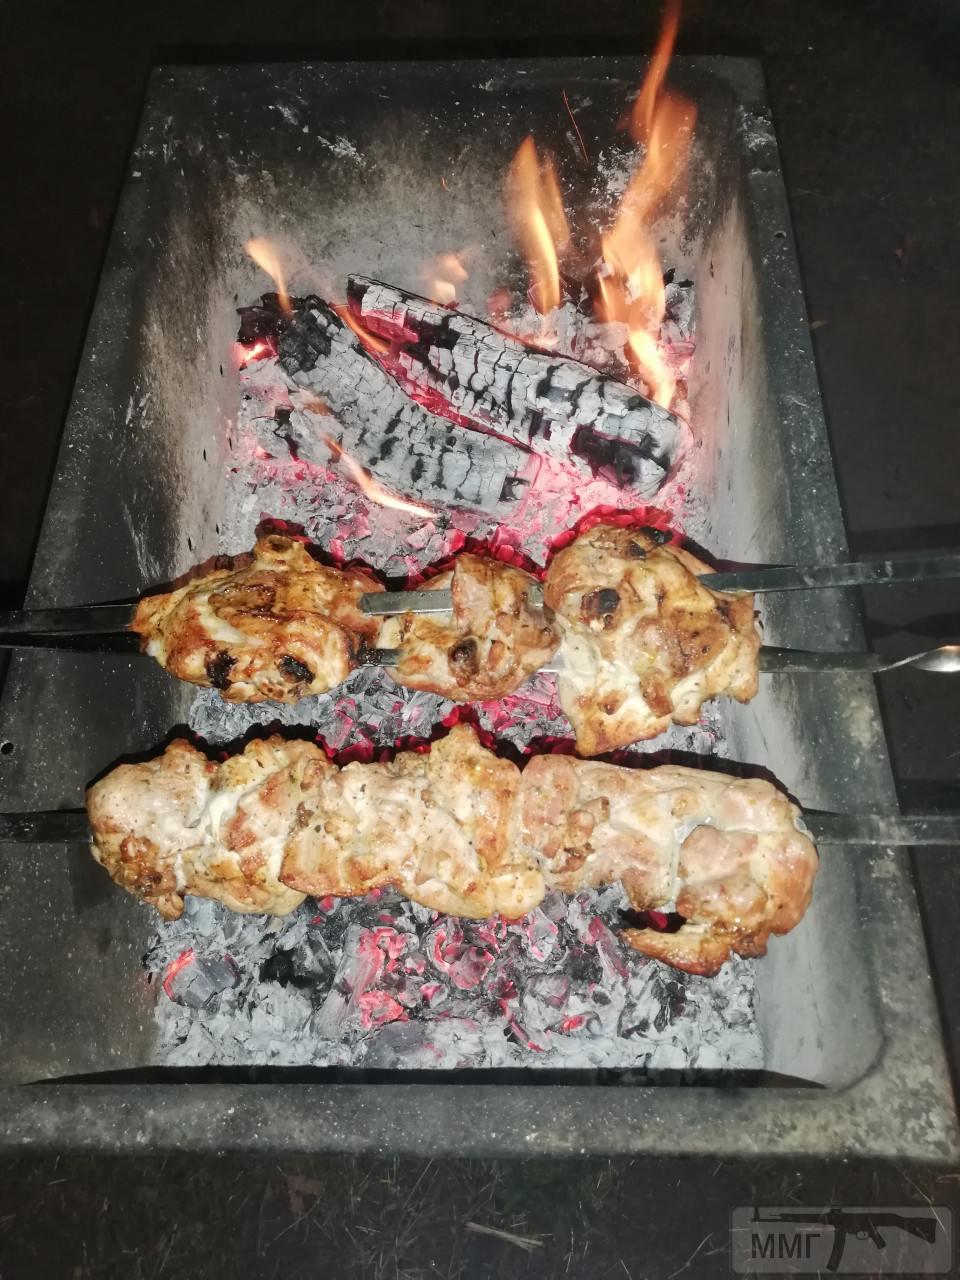 99858 - Закуски на огне (мангал, барбекю и т.д.) и кулинария вообще. Советы и рецепты.